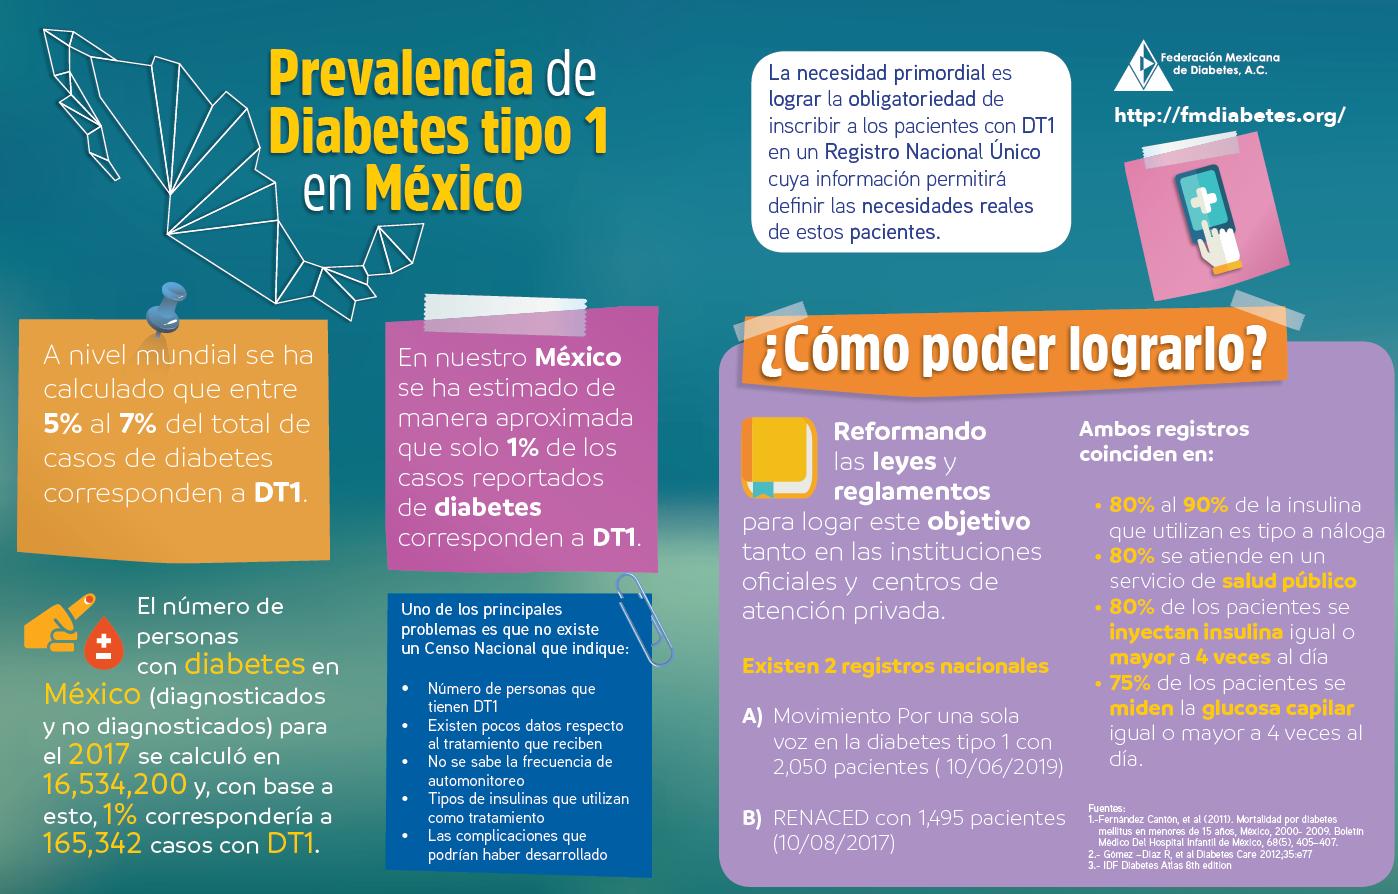 Prevalencia de Diabetes tipo 1 en México